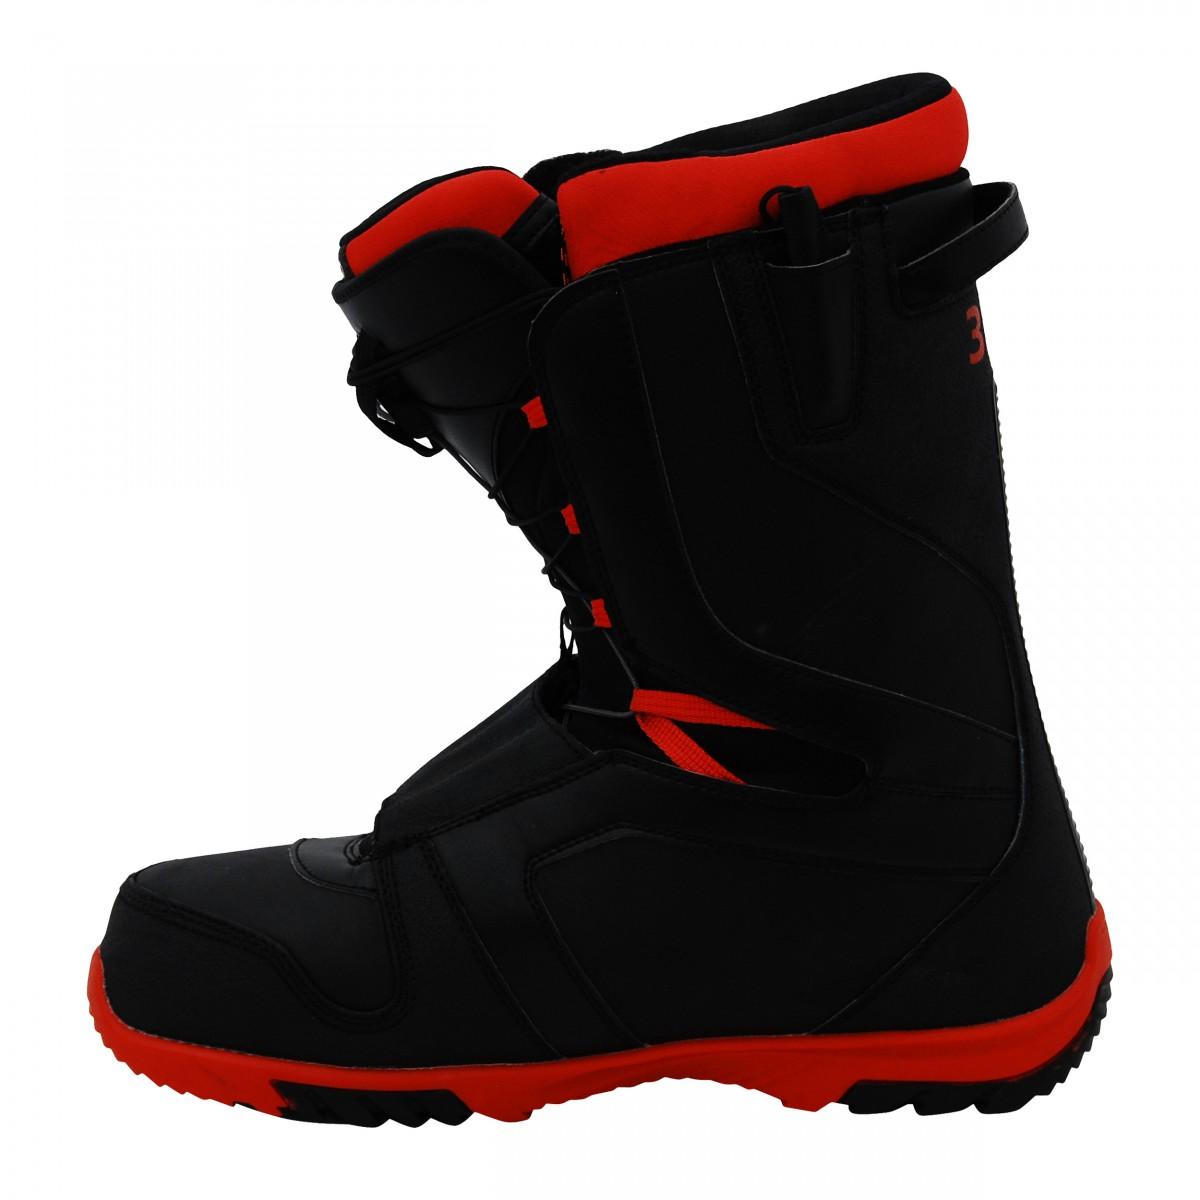 Boots-de-snowboard-occasion-Nitro-TlS-noir-semelle-rouge miniature 6